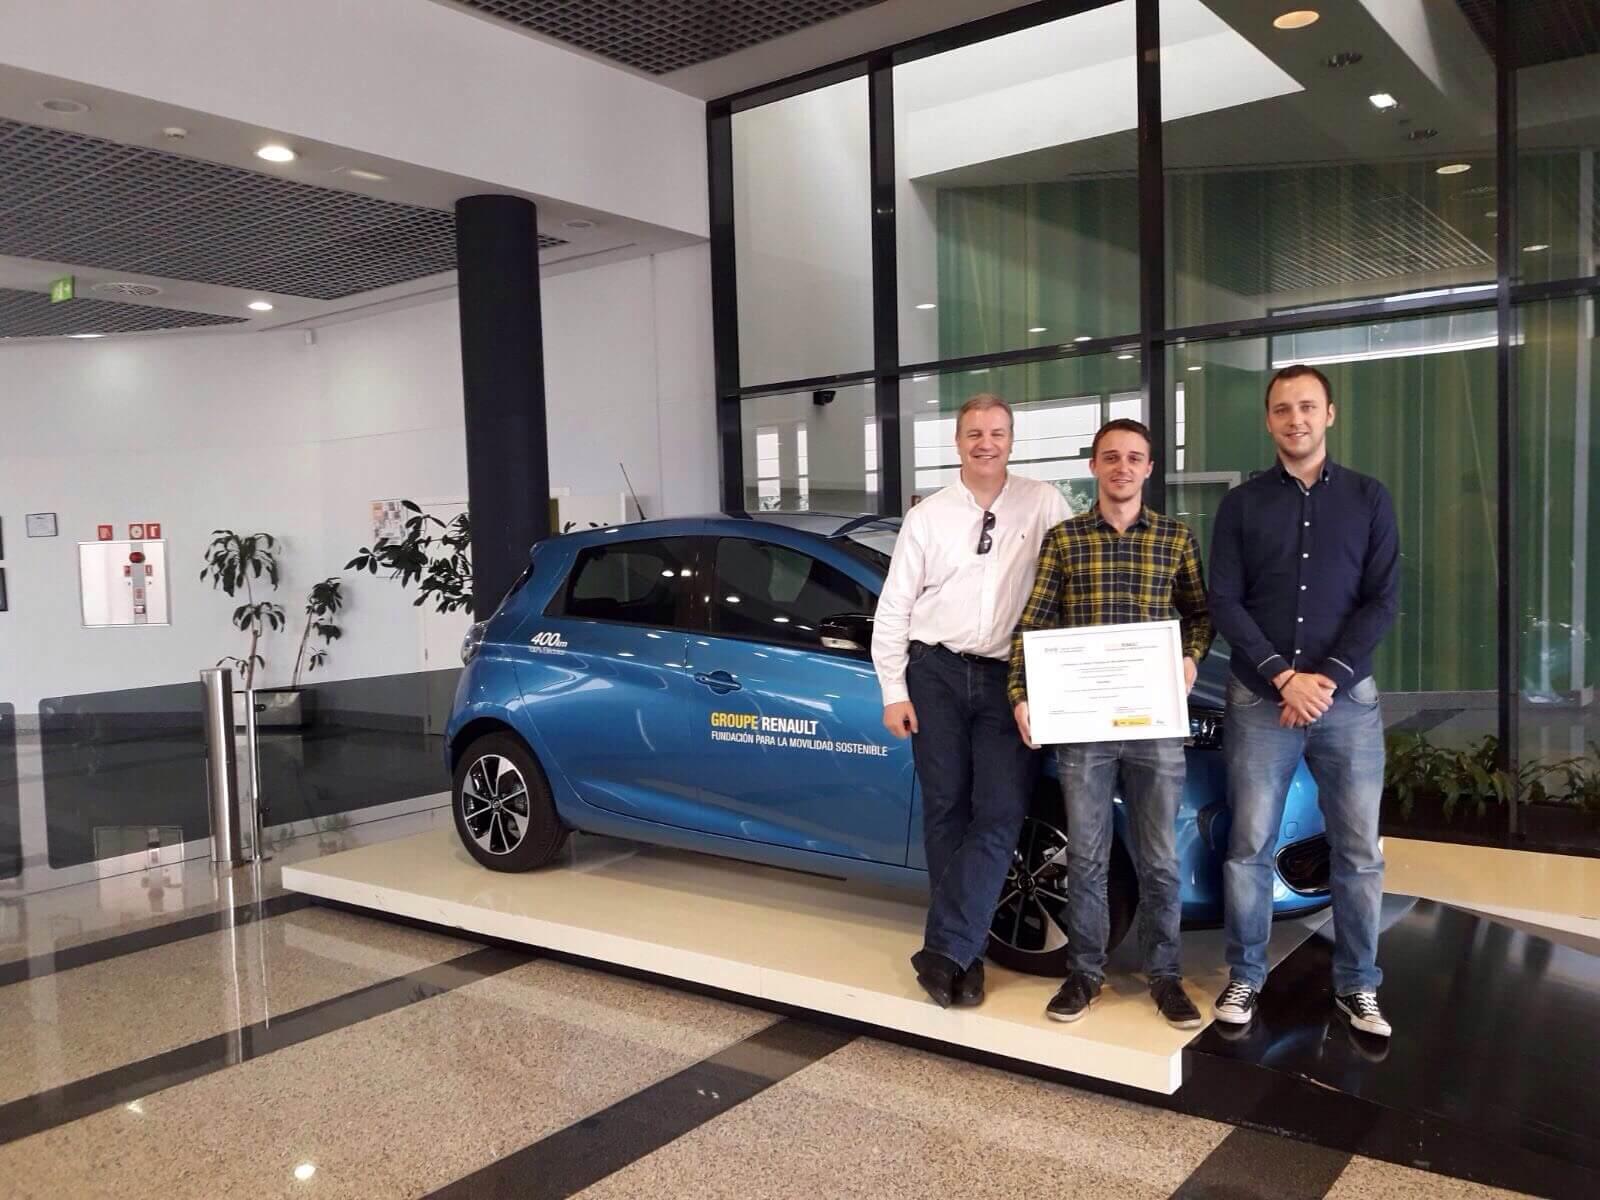 Premio Renault movilidad sostenible integrantes Parkifast